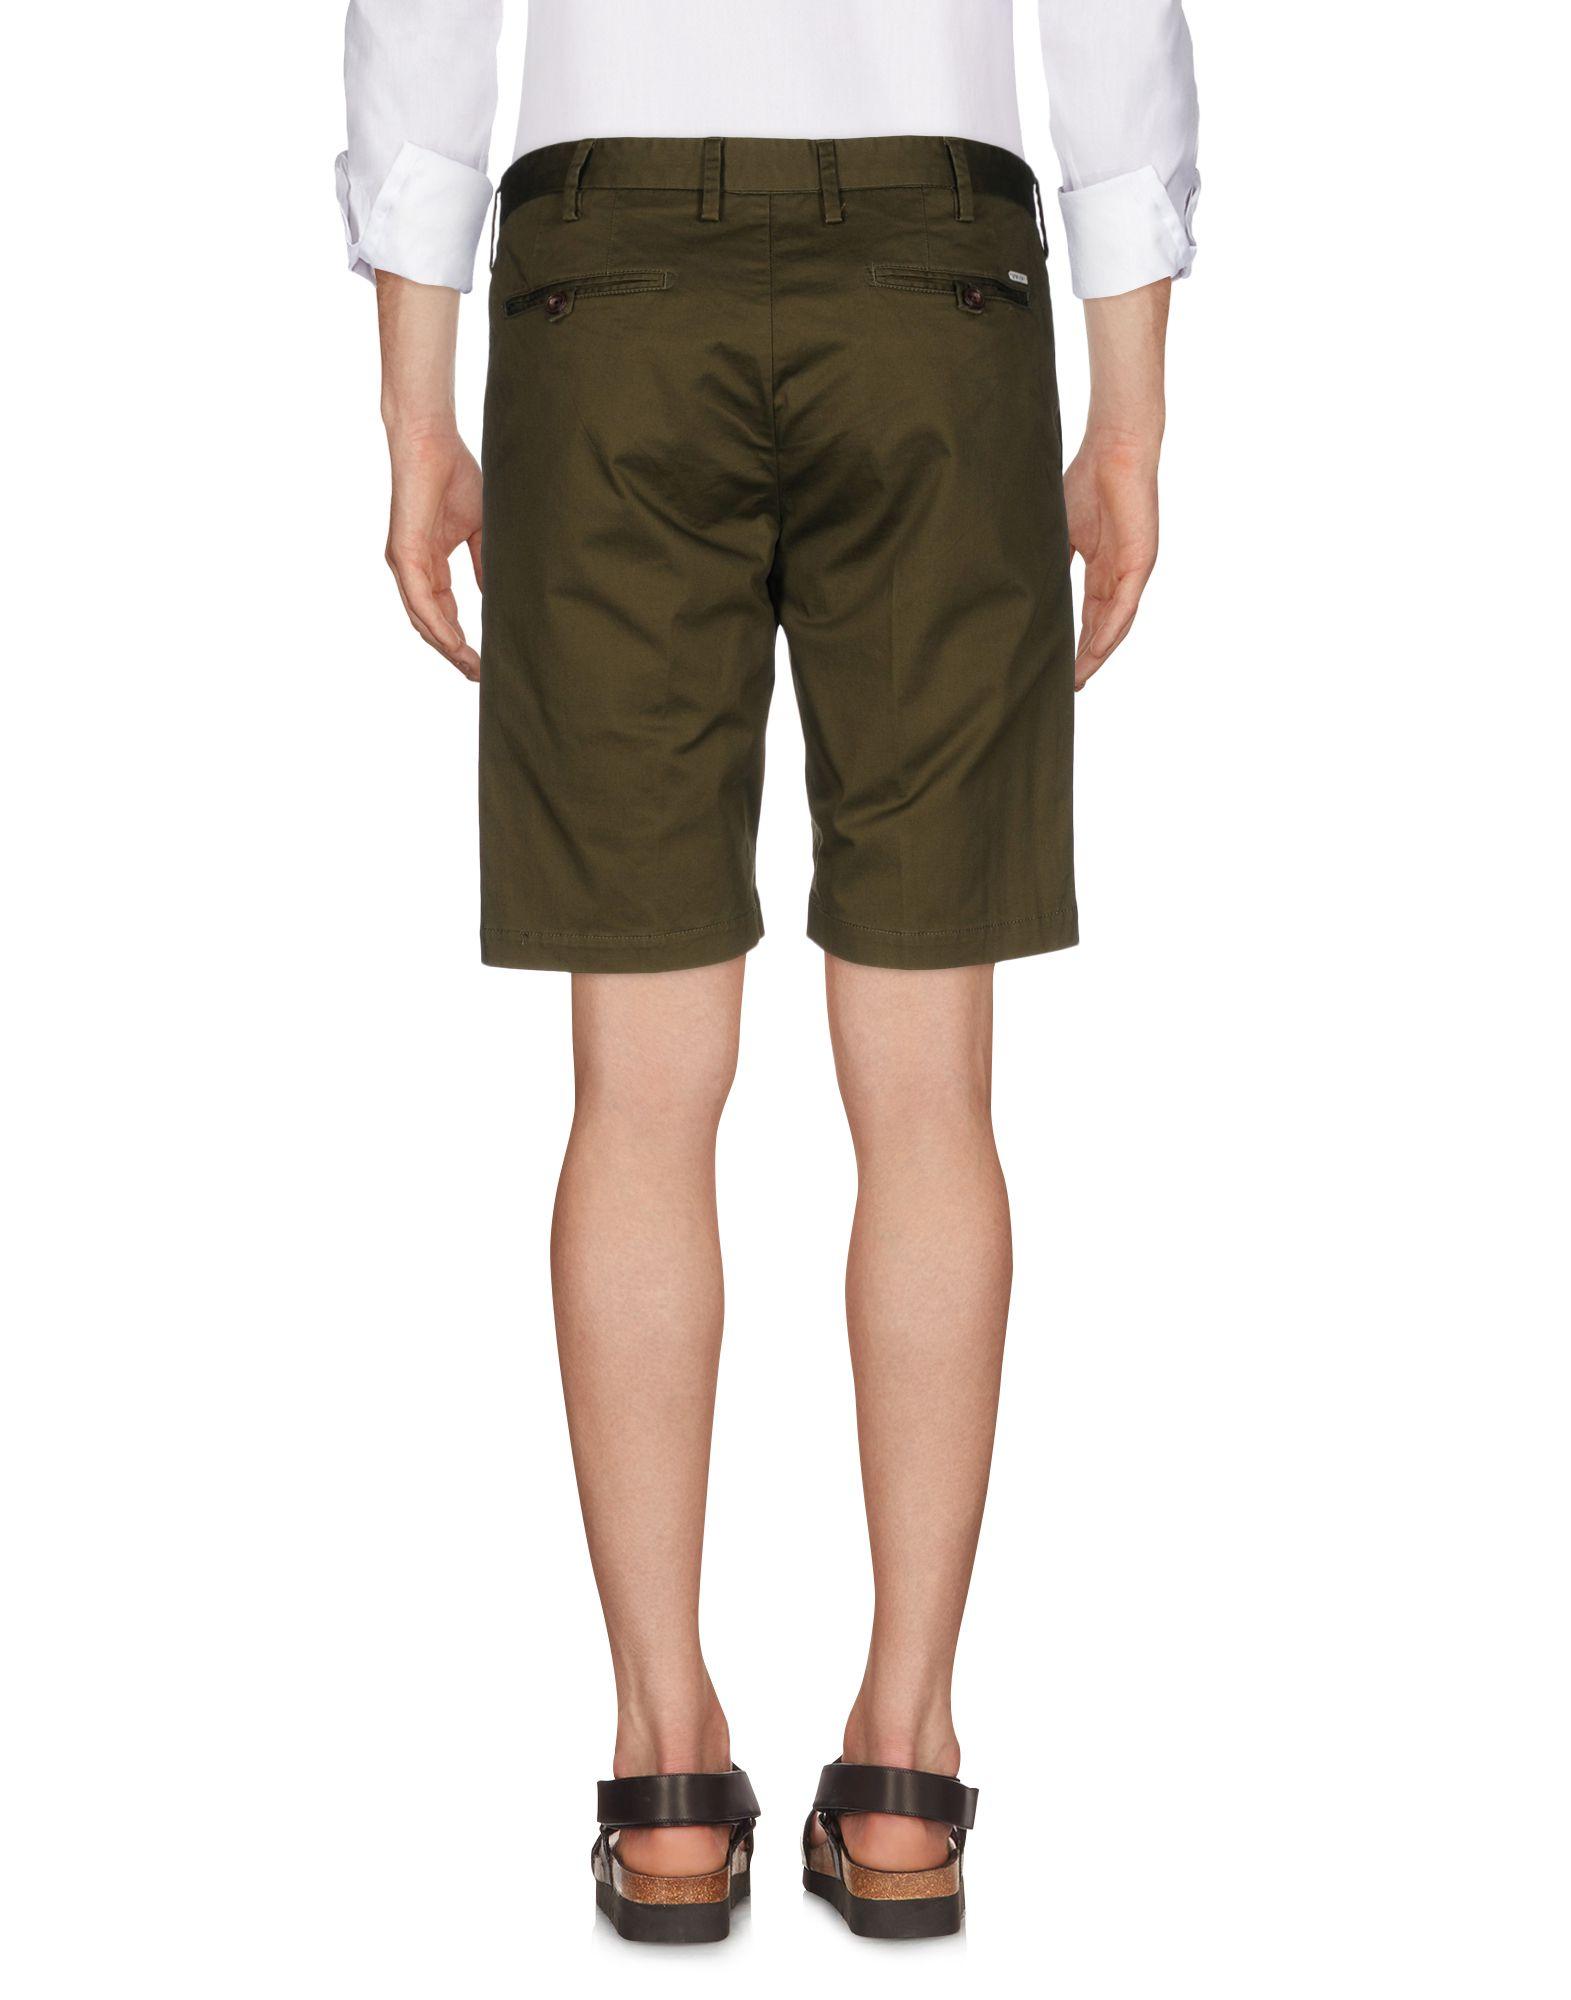 Shorts & & Shorts Bermuda At.P.Co Uomo - 13108417NI 87d7df